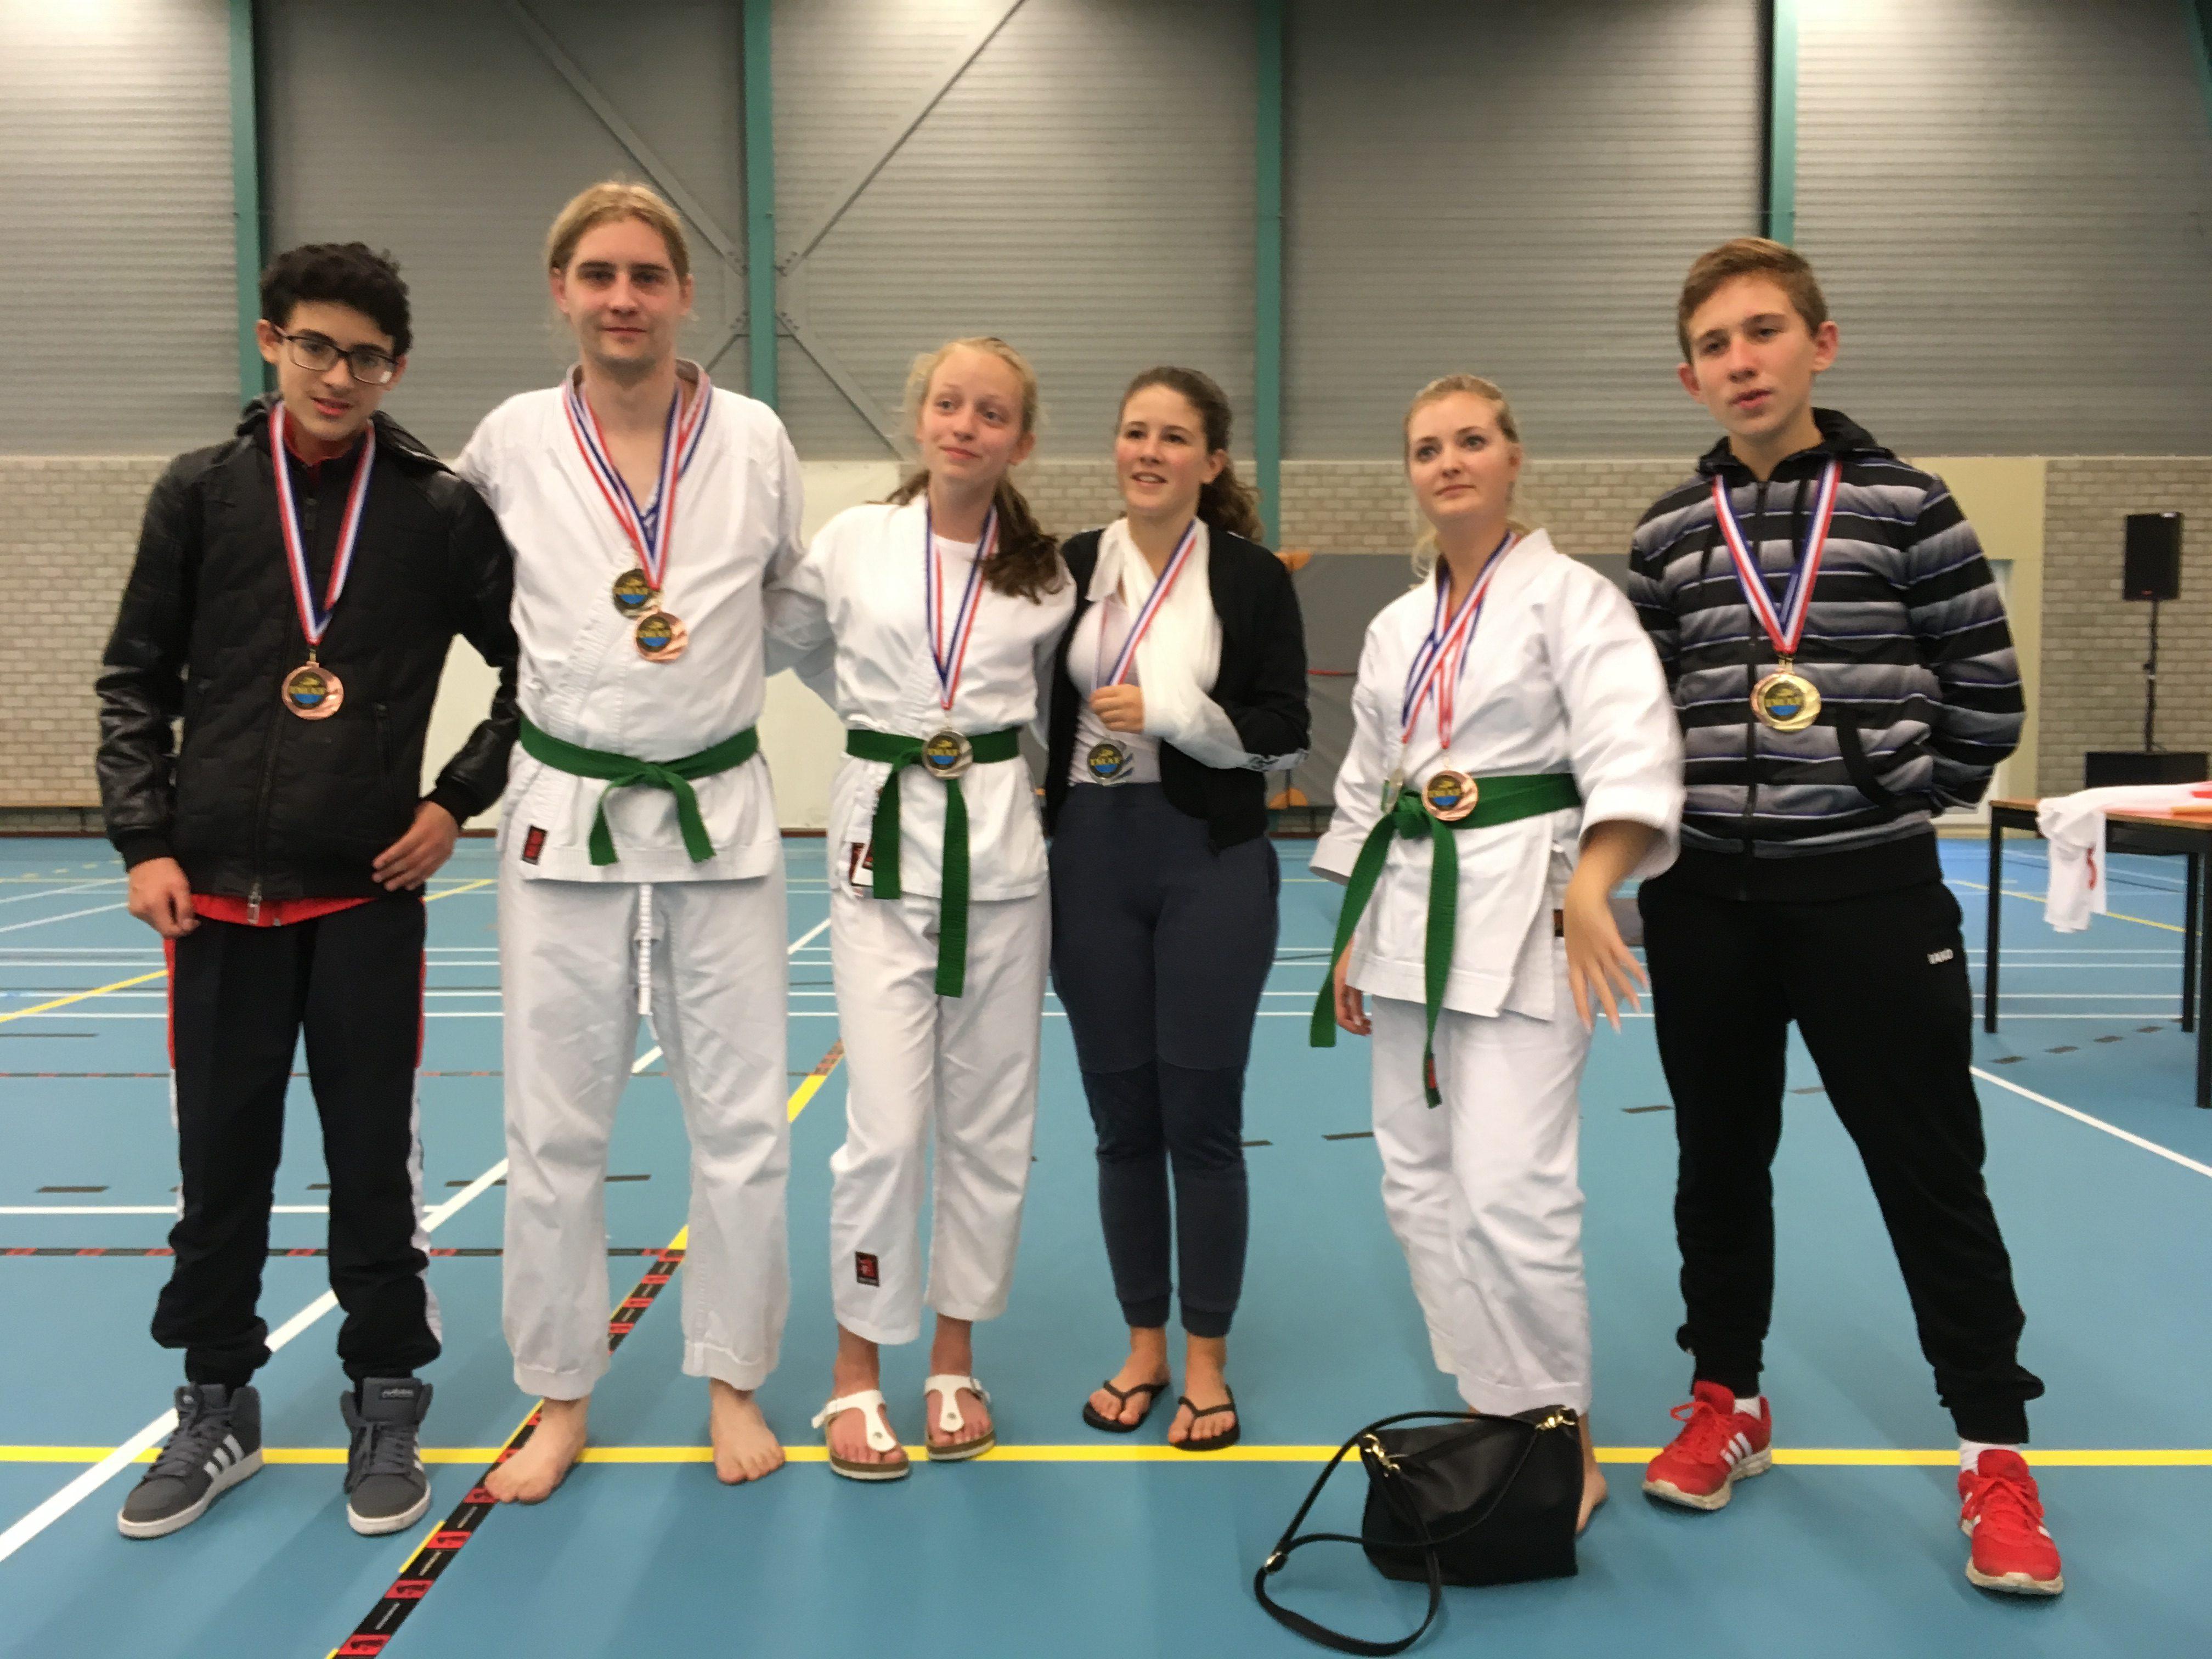 Dit is een foto van budo en judo bij Sportinistituut Frits van der Werff uit Hoorn, Jonge judoka's die prijzen hebben gewonnen bij een judowedstrijd